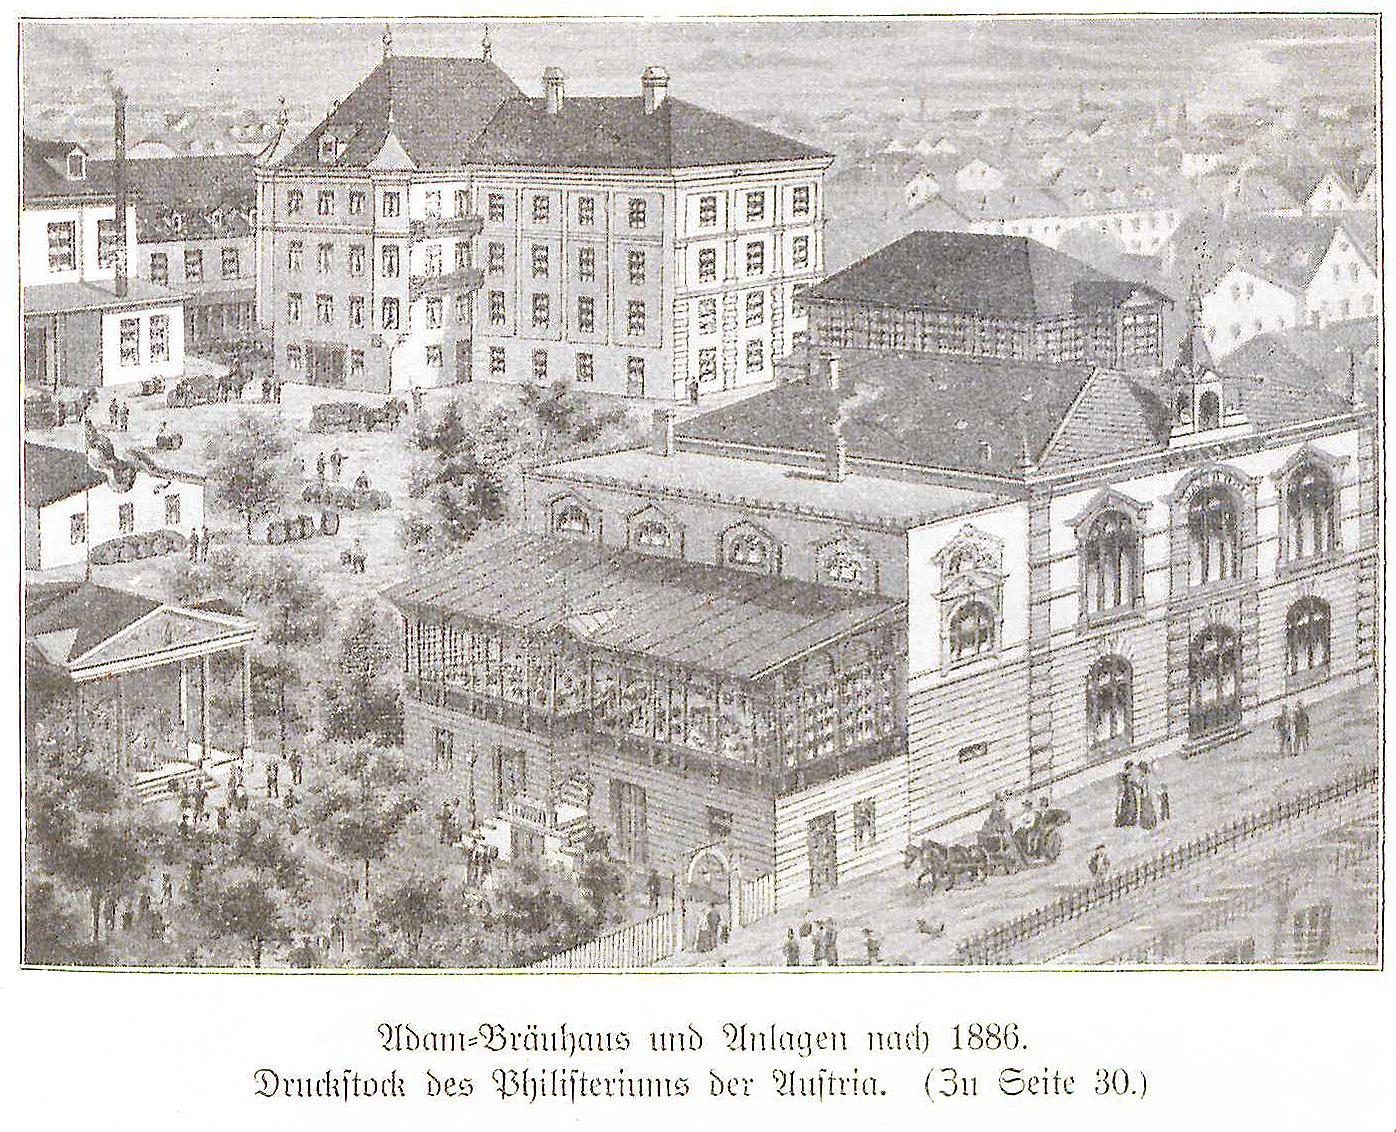 Adambräu 1886